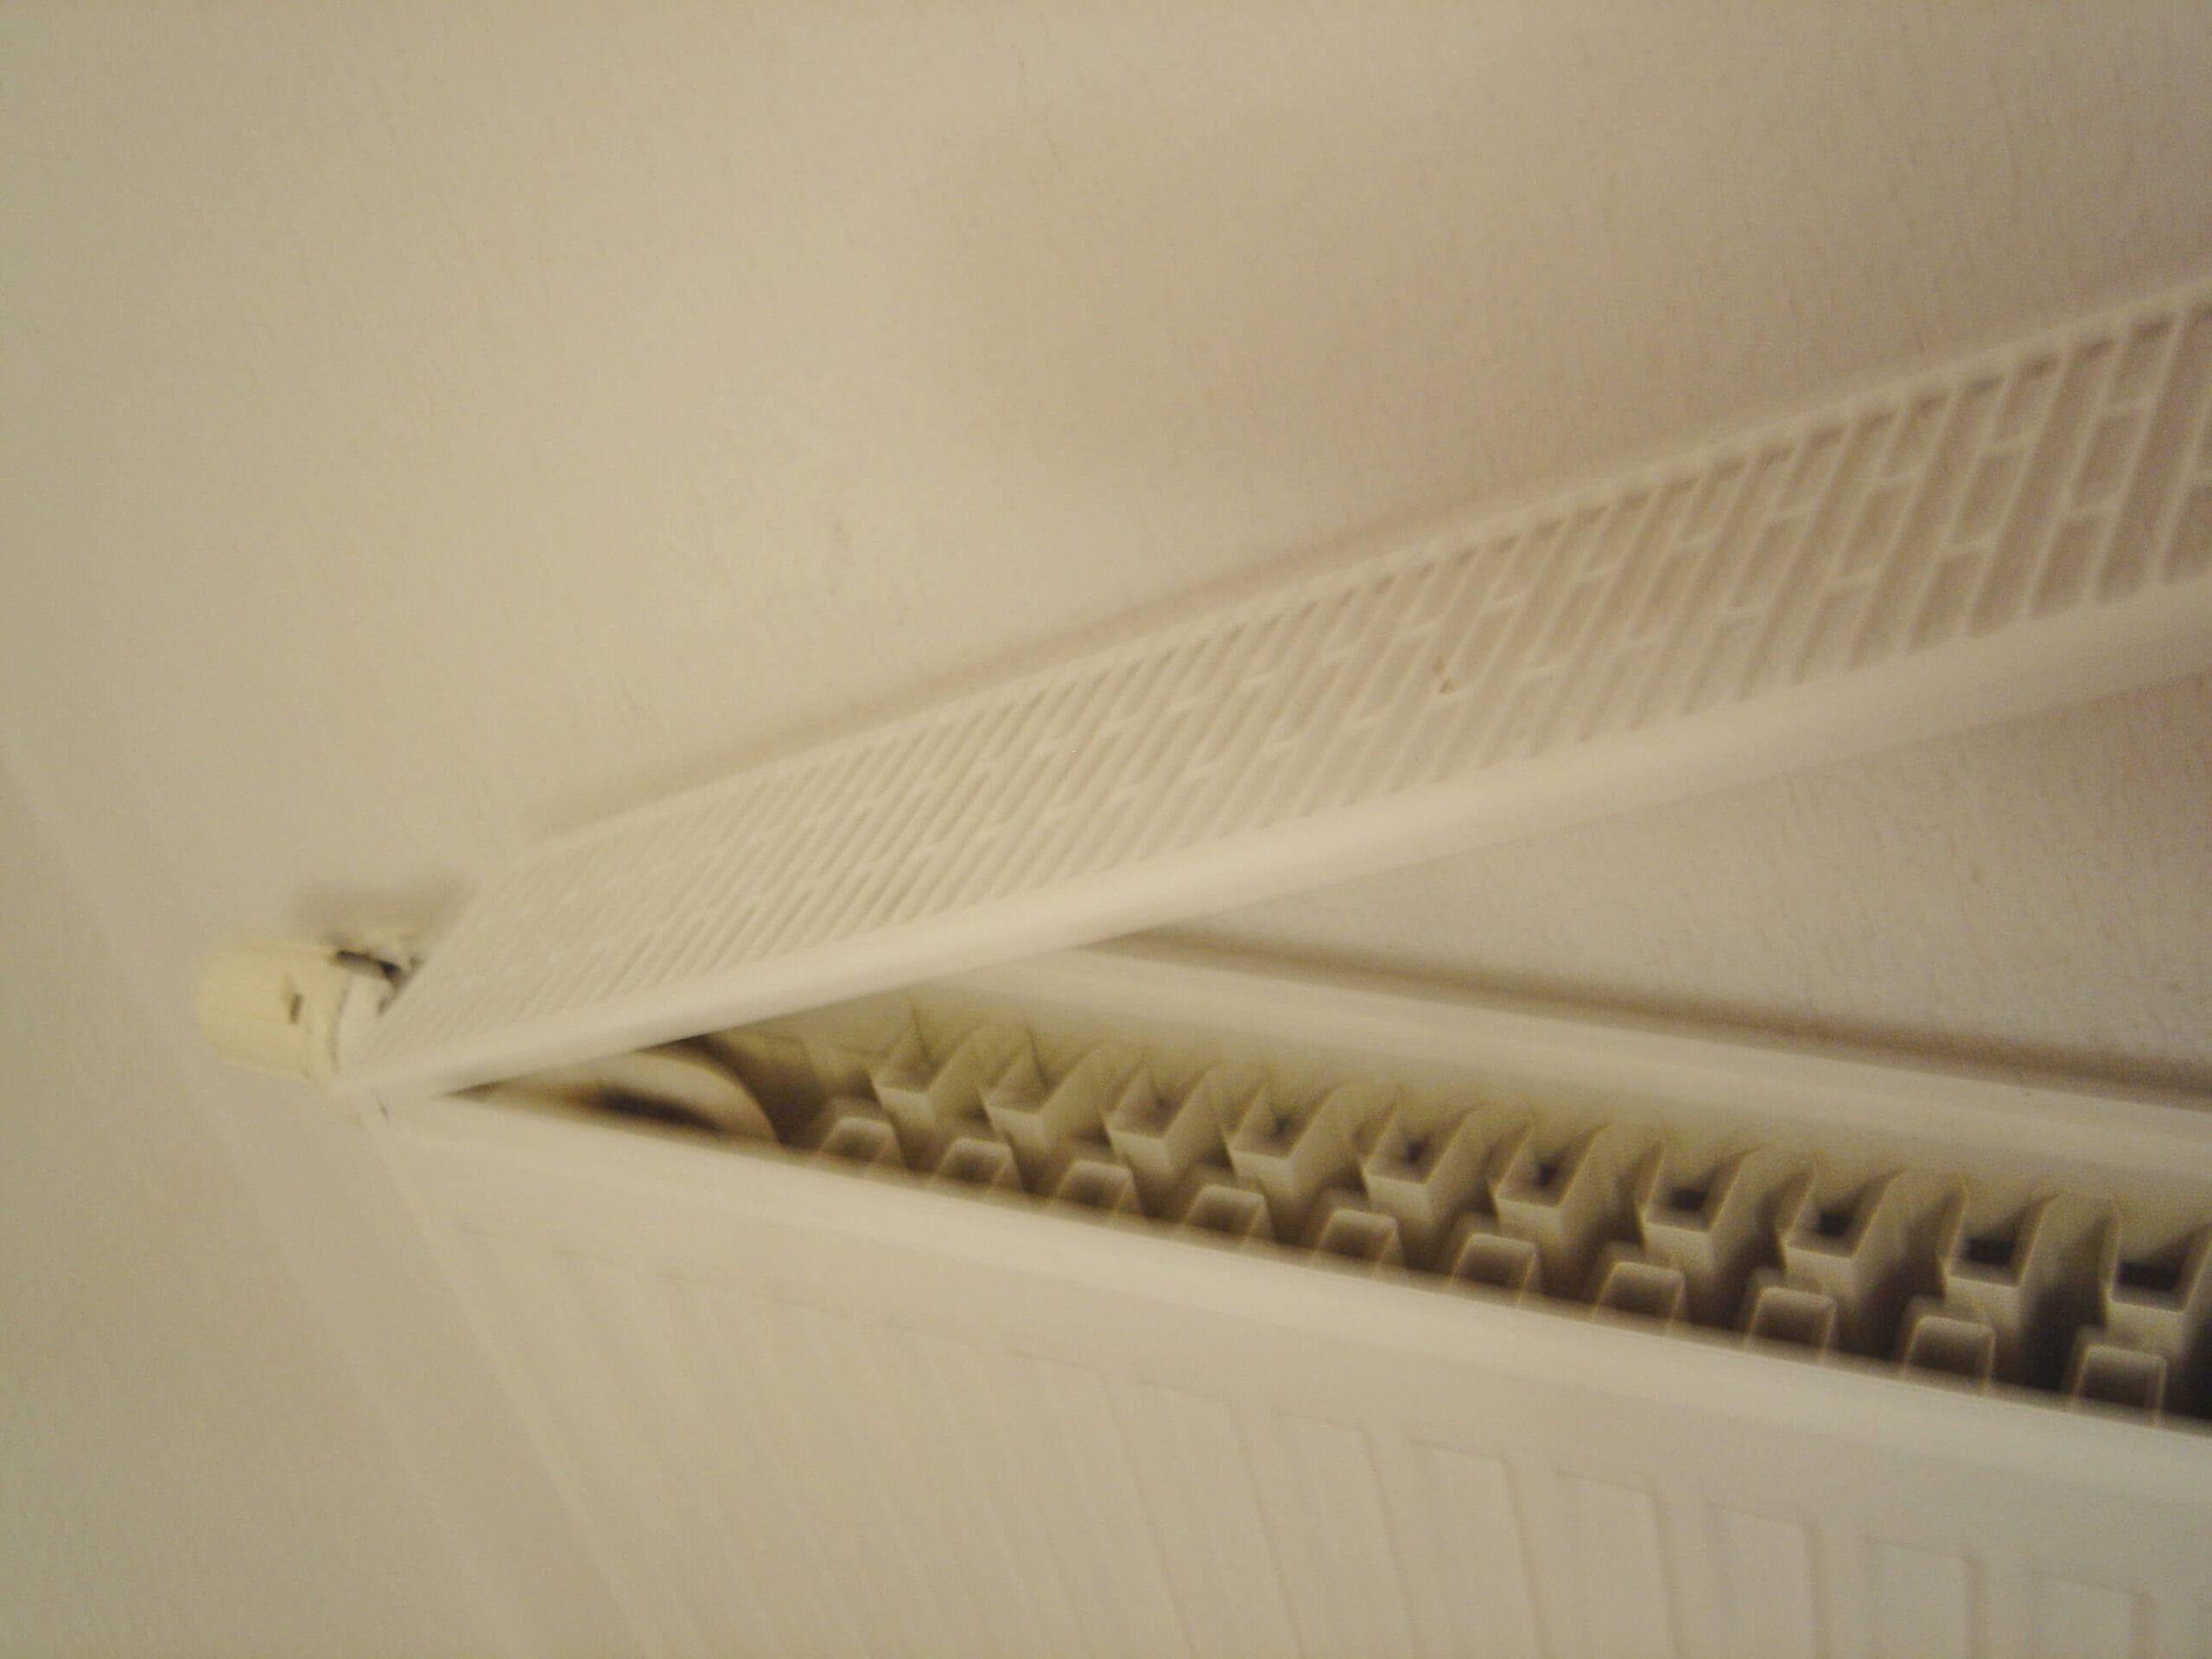 Full Size of Heizkrperreinigung Bad Heizkörper Badezimmer Wohnzimmer Für Elektroheizkörper Wohnzimmer Kermi Heizkörper